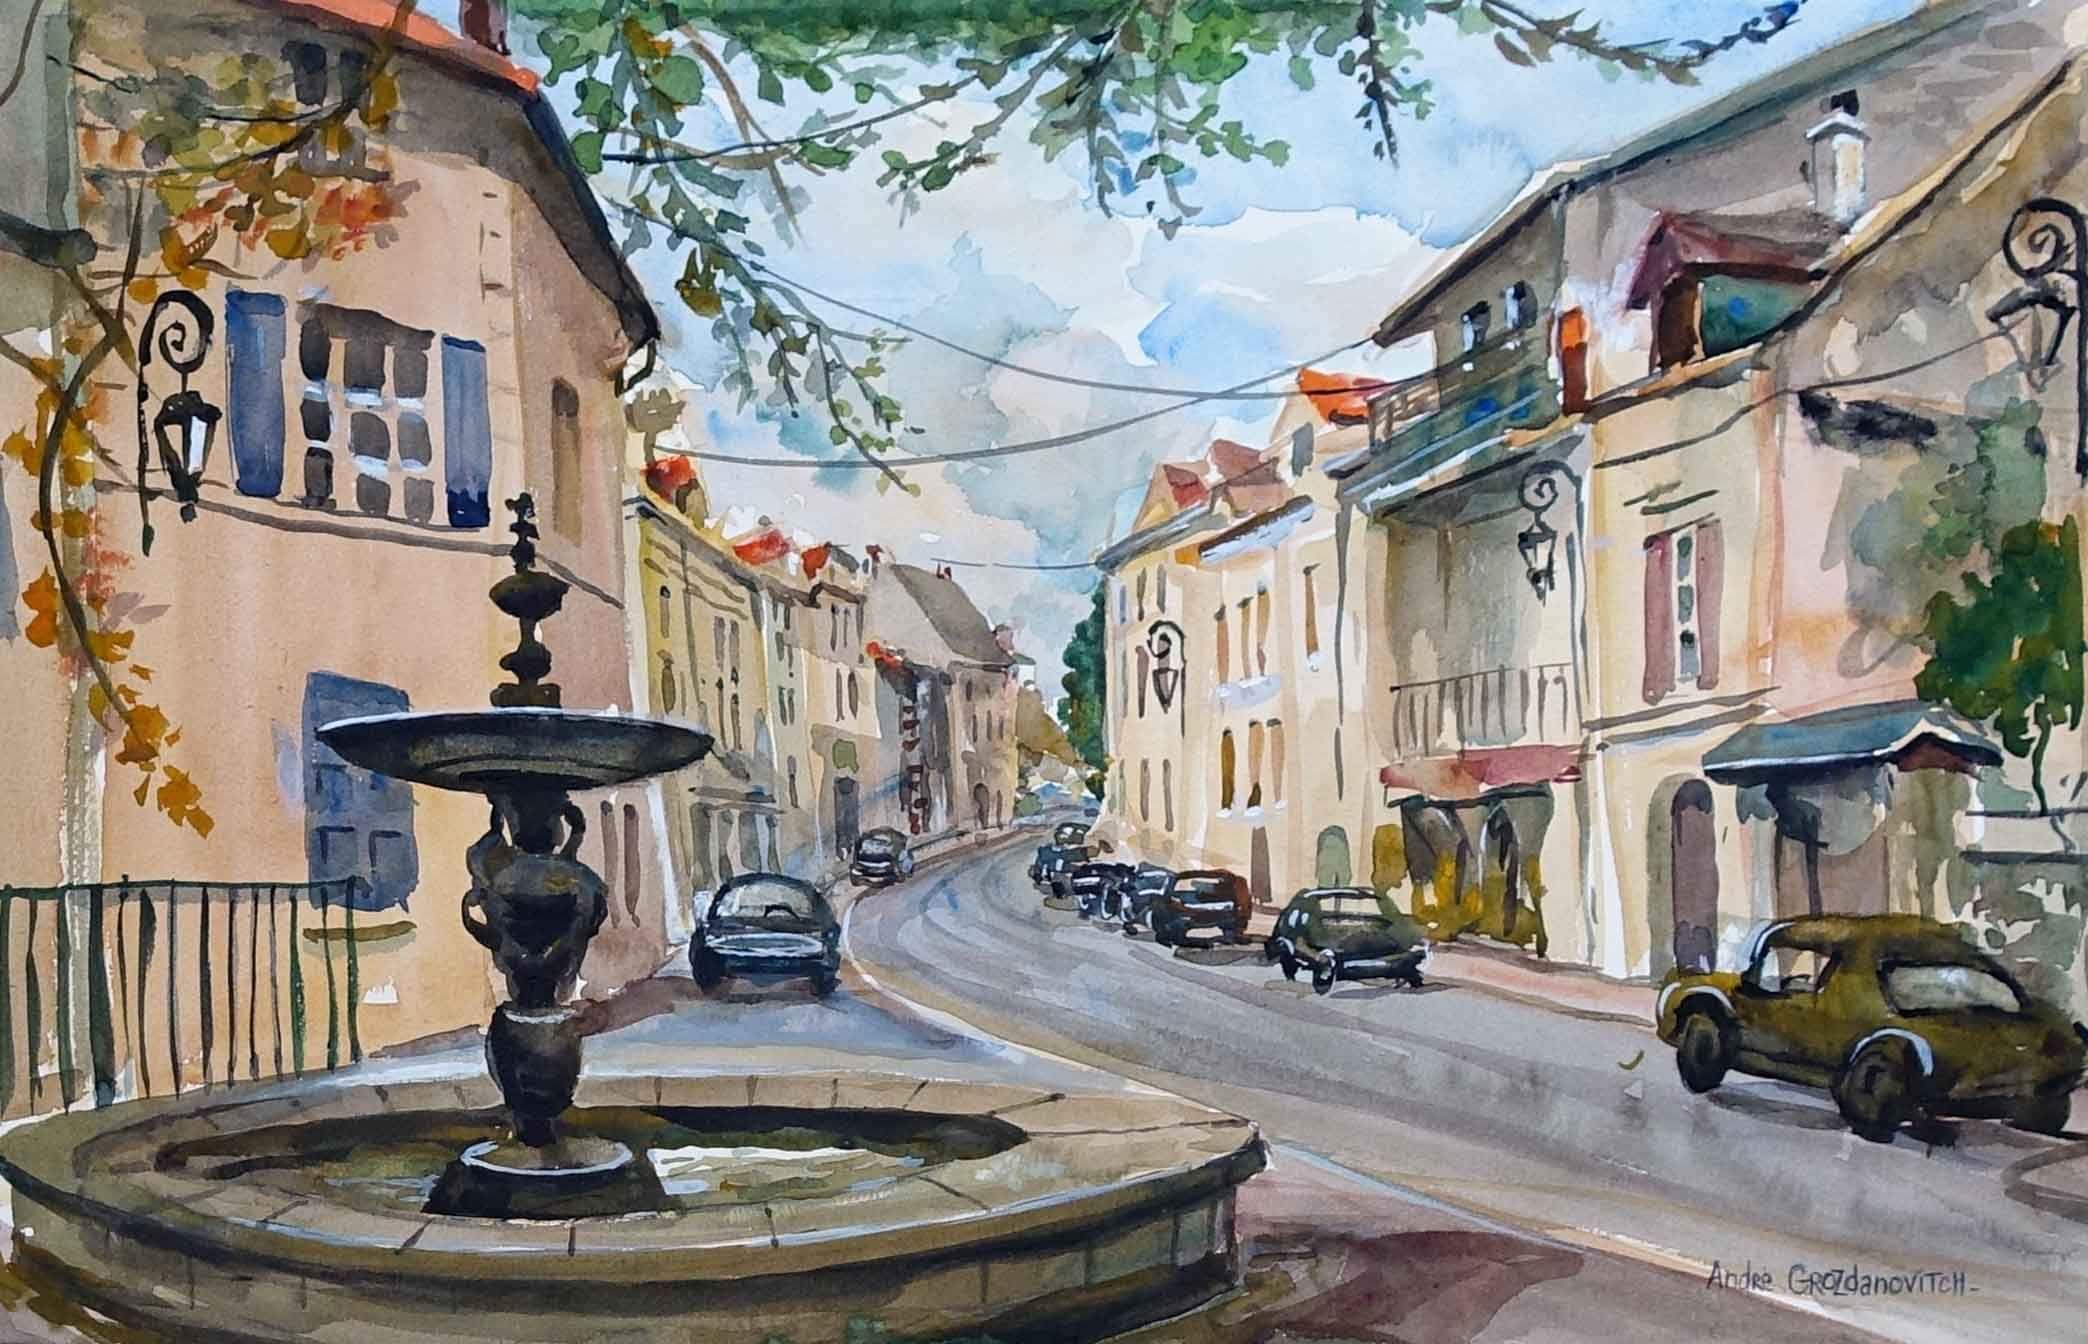 Fontaine Dans Un Village Provencal De Andre Grozdanovitch